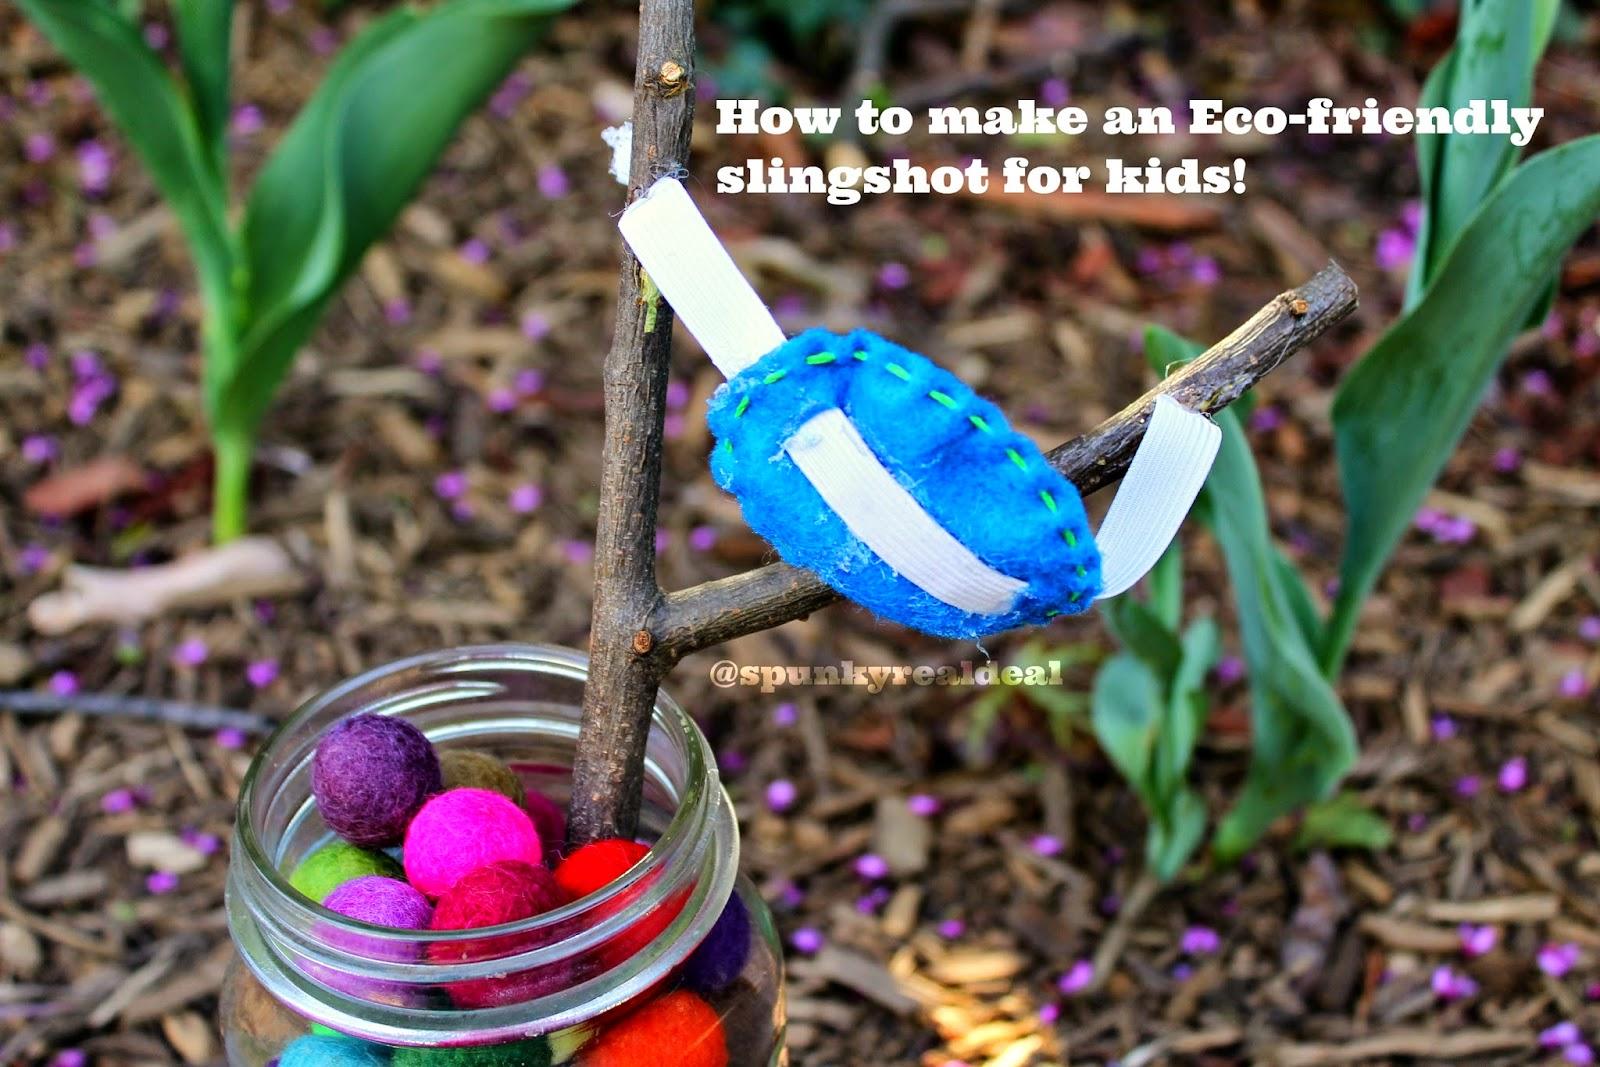 Eco-friendly Slingshot for kids